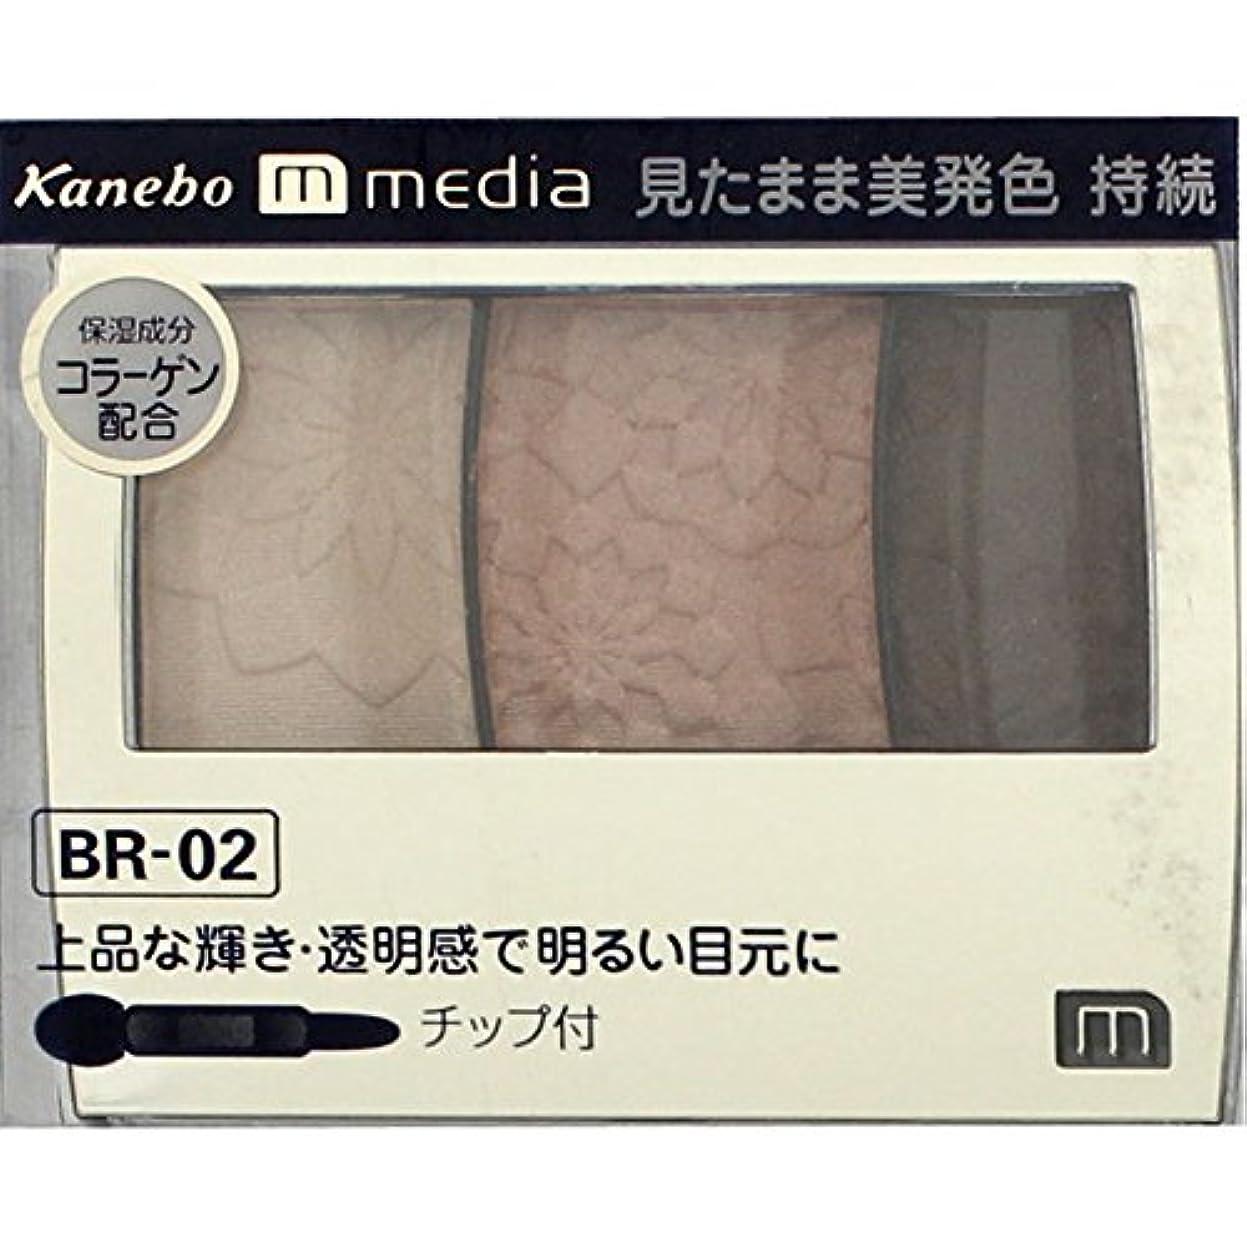 通行料金マスクボルト【カネボウ】 メディア グラデカラーアイシャドウ BR-02